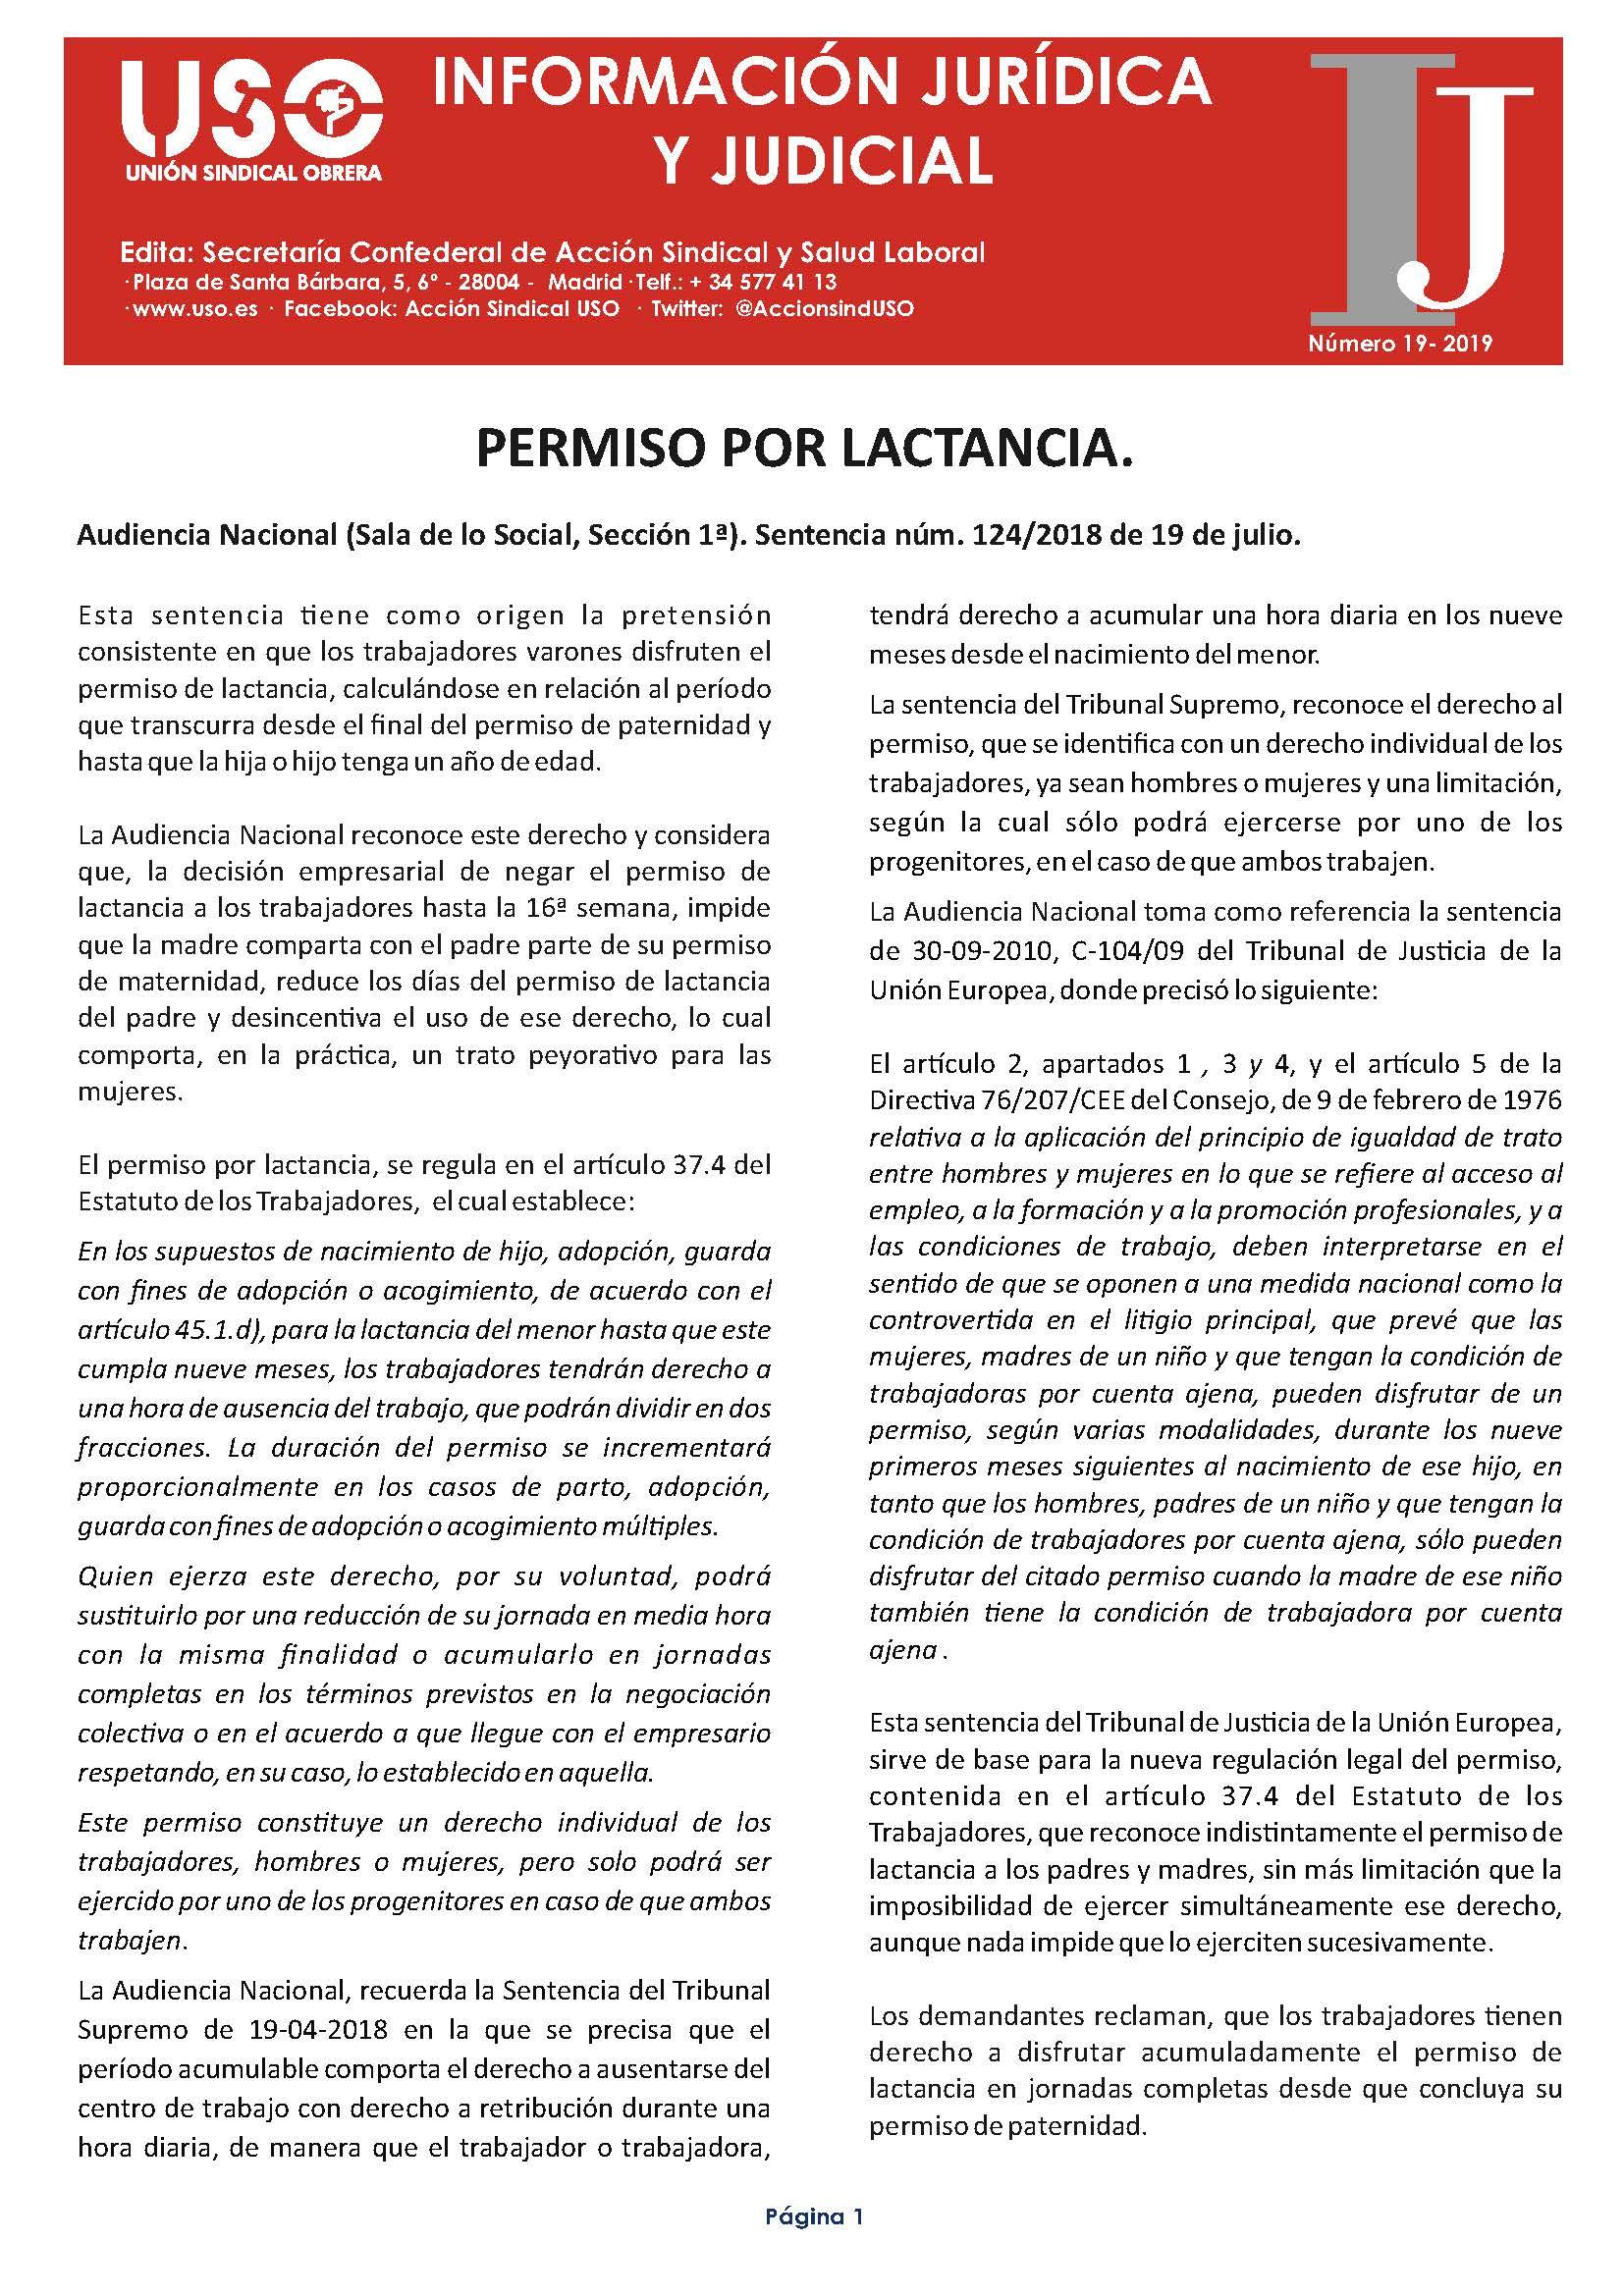 Información Jurídica y Judicial nº 19